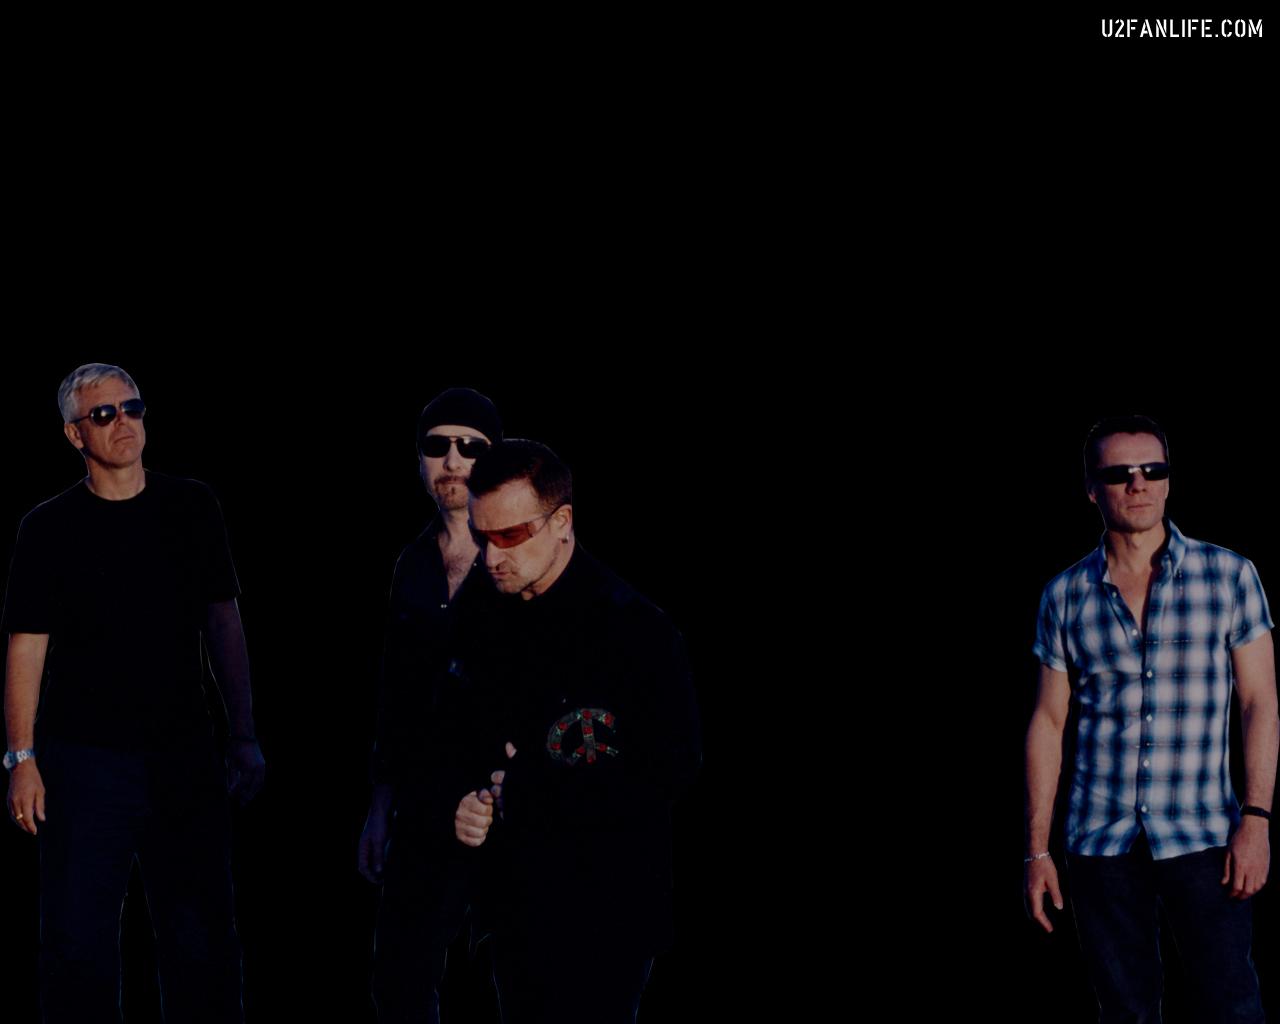 U2 Wallpapers U2...U2 Wallpaper